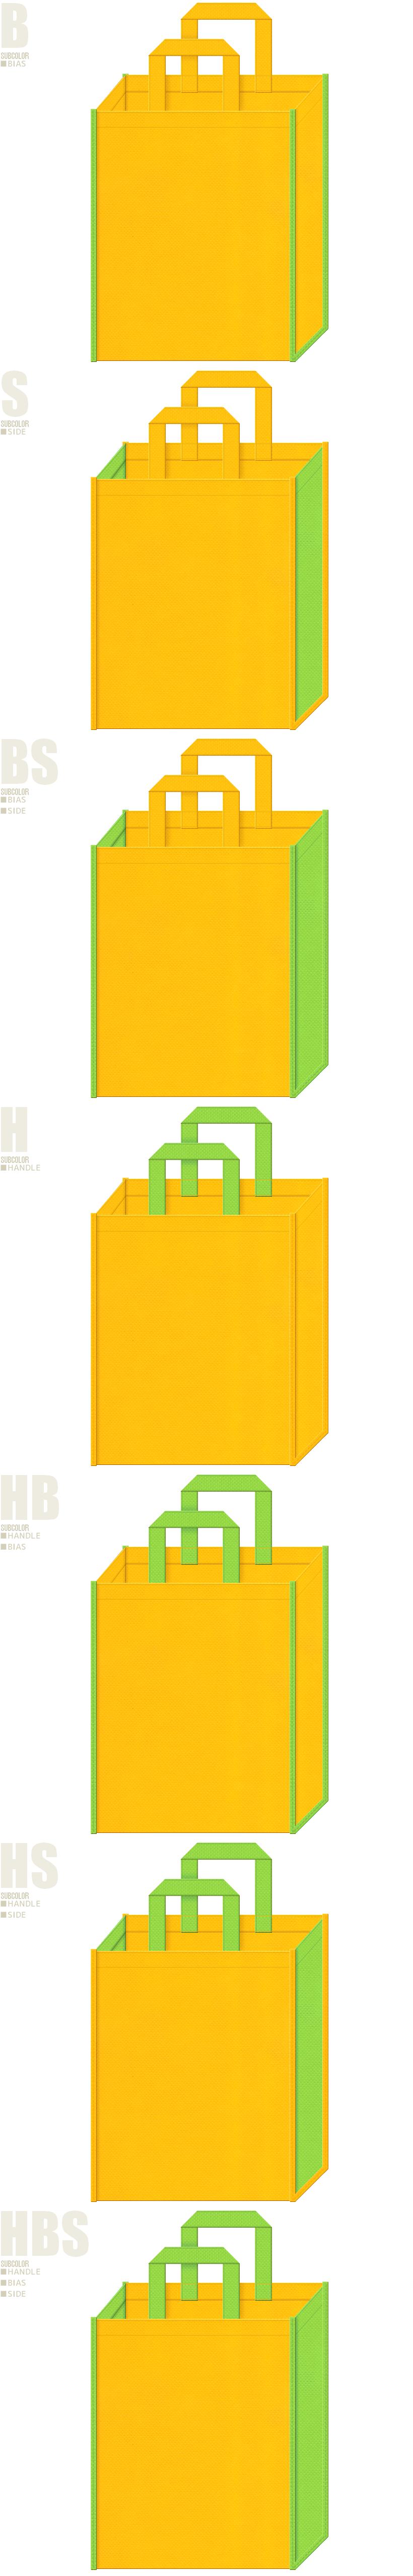 黄色と黄緑色、7パターンの不織布トートバッグ配色デザイン例。